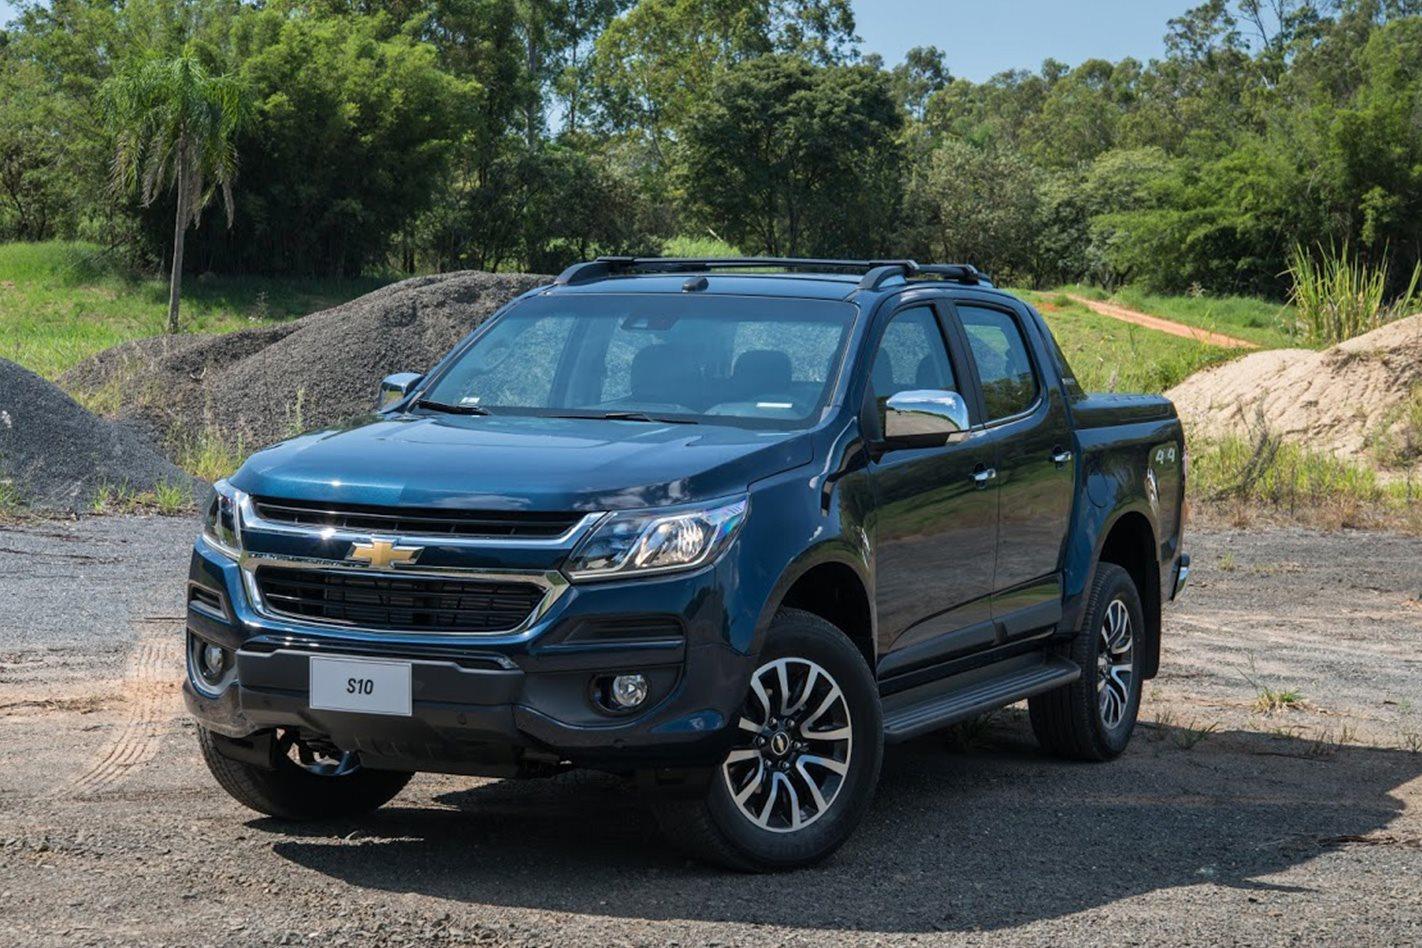 2017 Chevrolet Colorado Towing Capacity >> 2017 Chevrolet Colorado Revealed